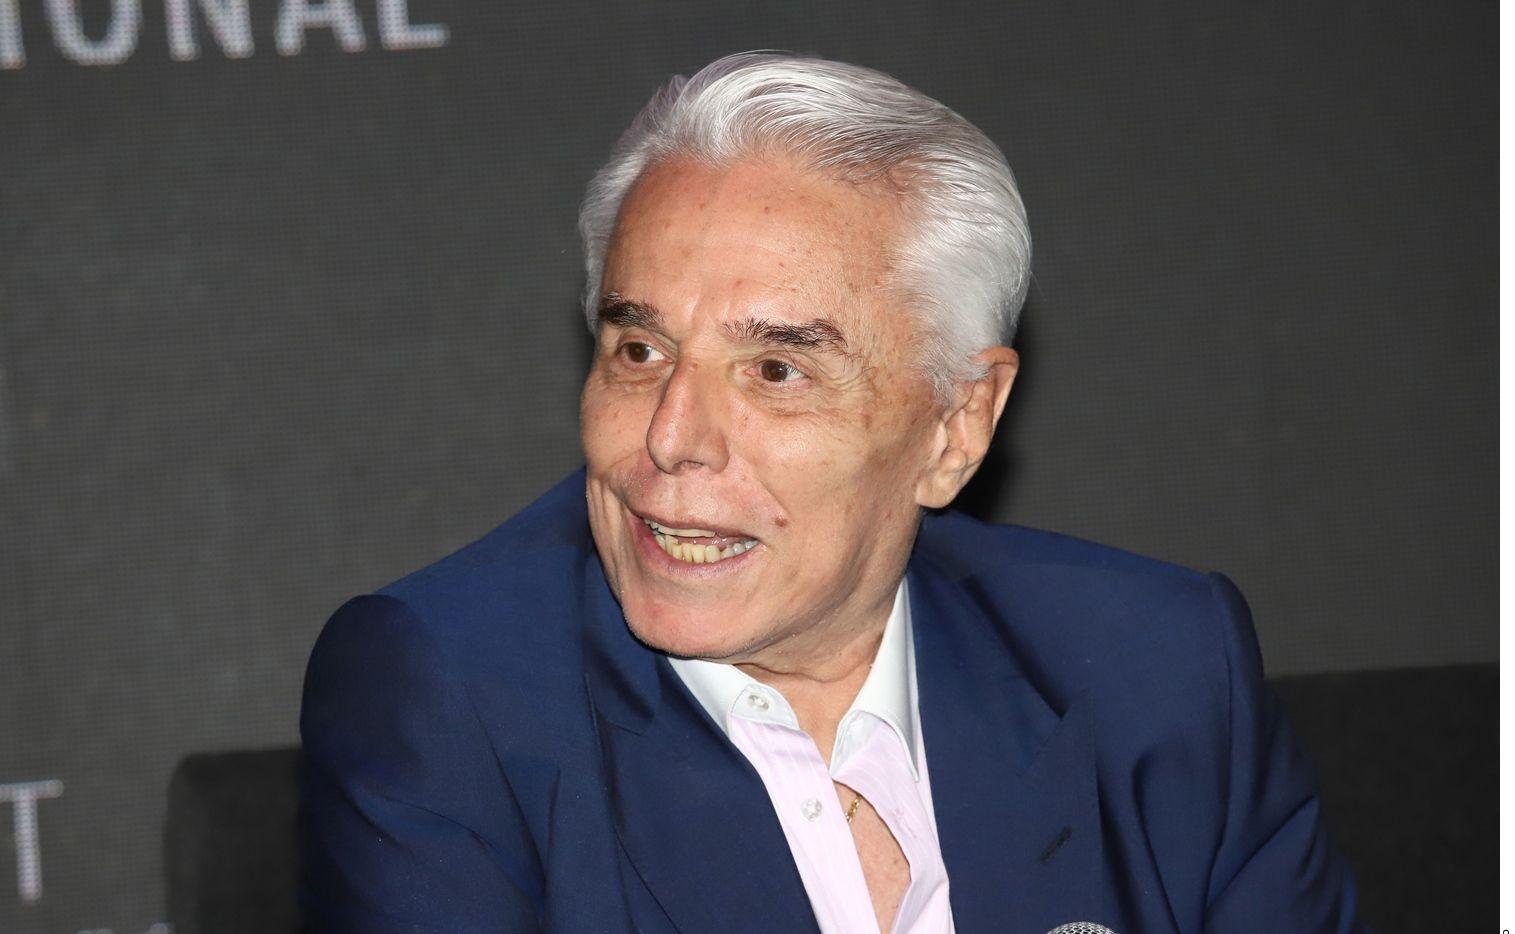 Enrique Guzmán fue acusado por su nieta Frida Sofía de haberla atacado sexualmente cuando ella tenía 5 años de edad.